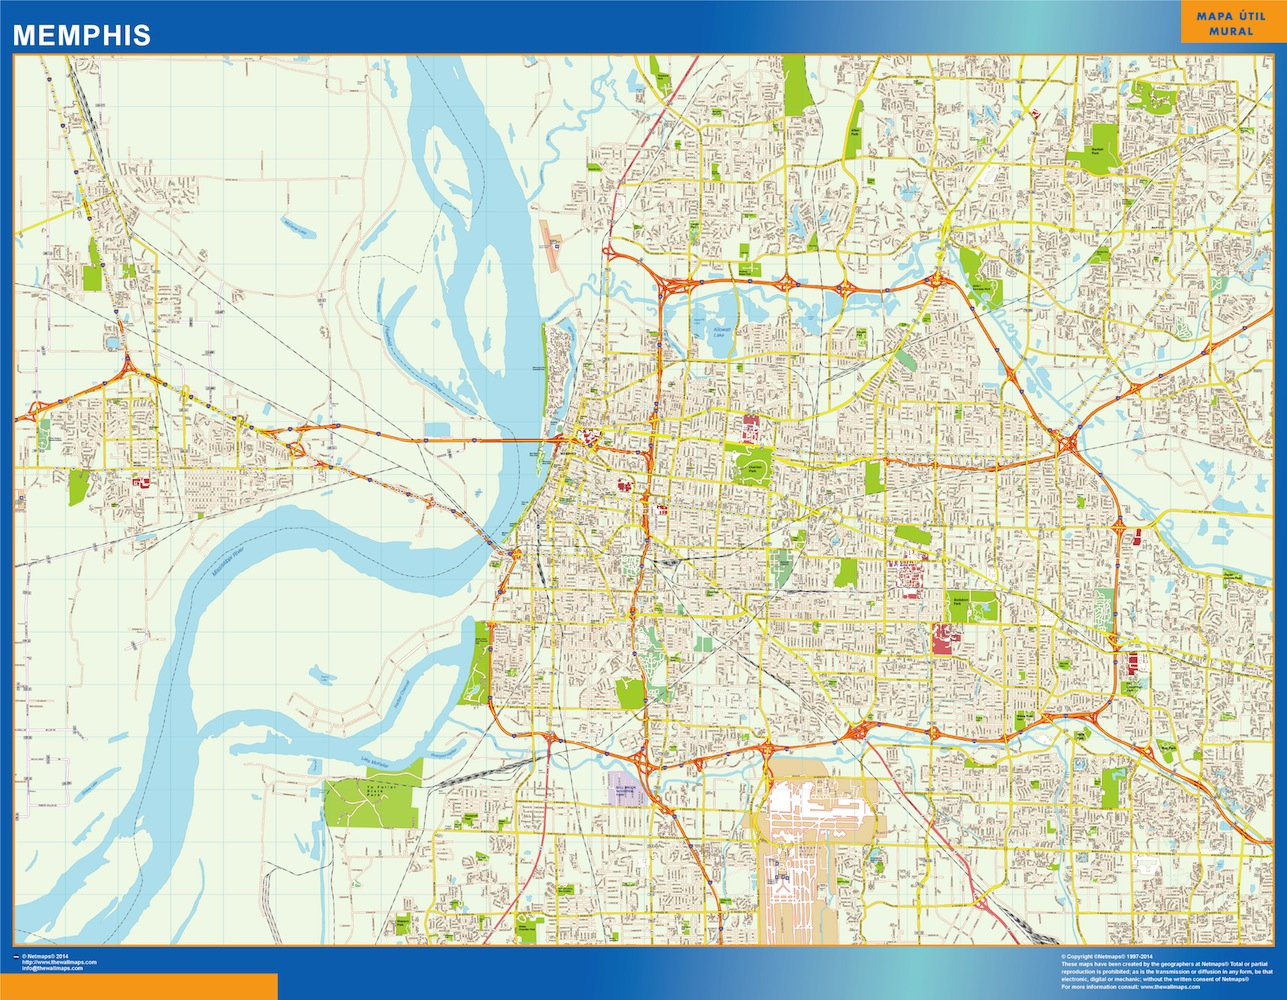 memphis street map